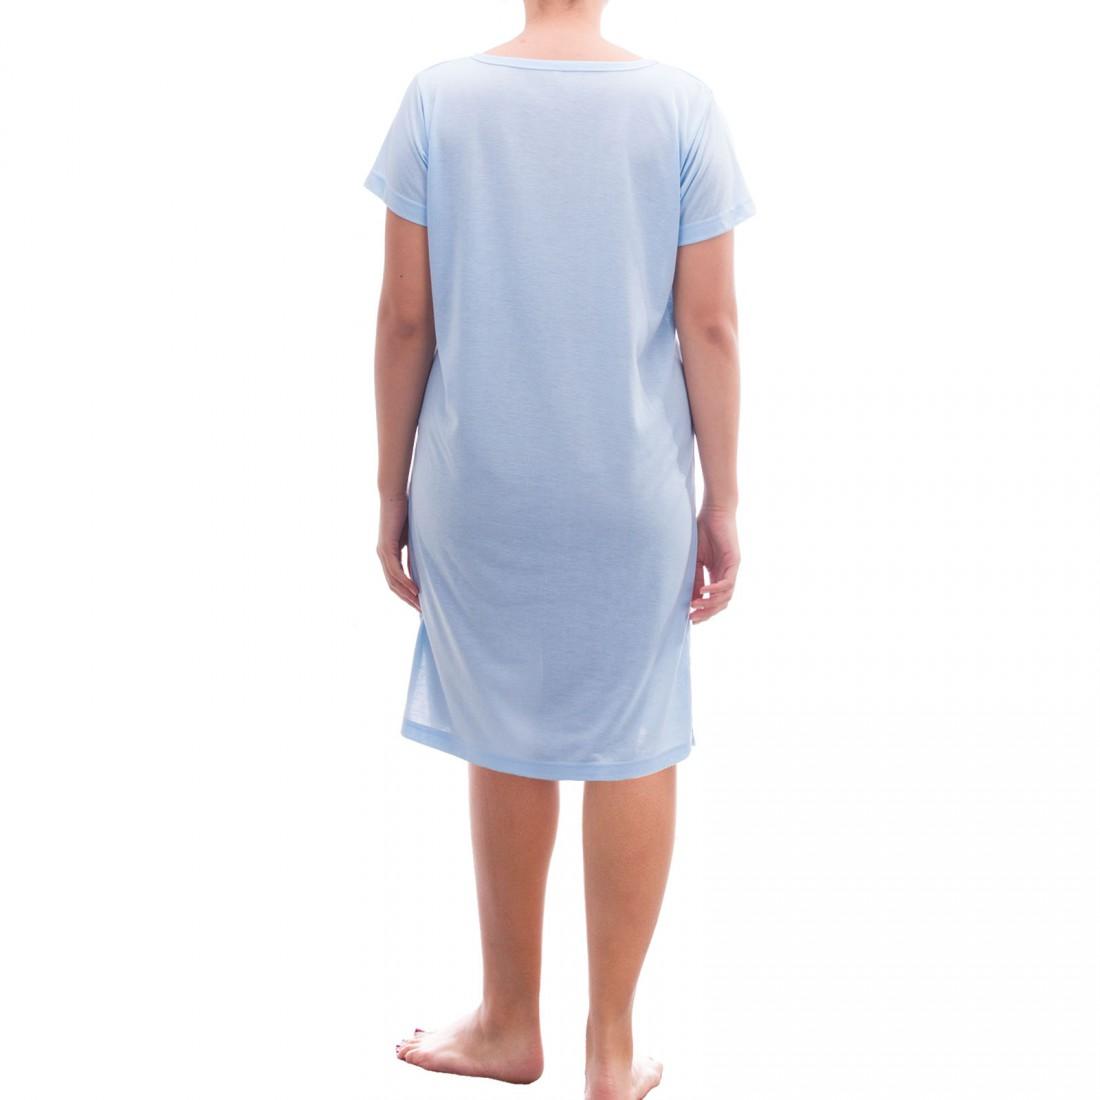 romesa big shirt schlafshirt liebesgr e aus paris l. Black Bedroom Furniture Sets. Home Design Ideas